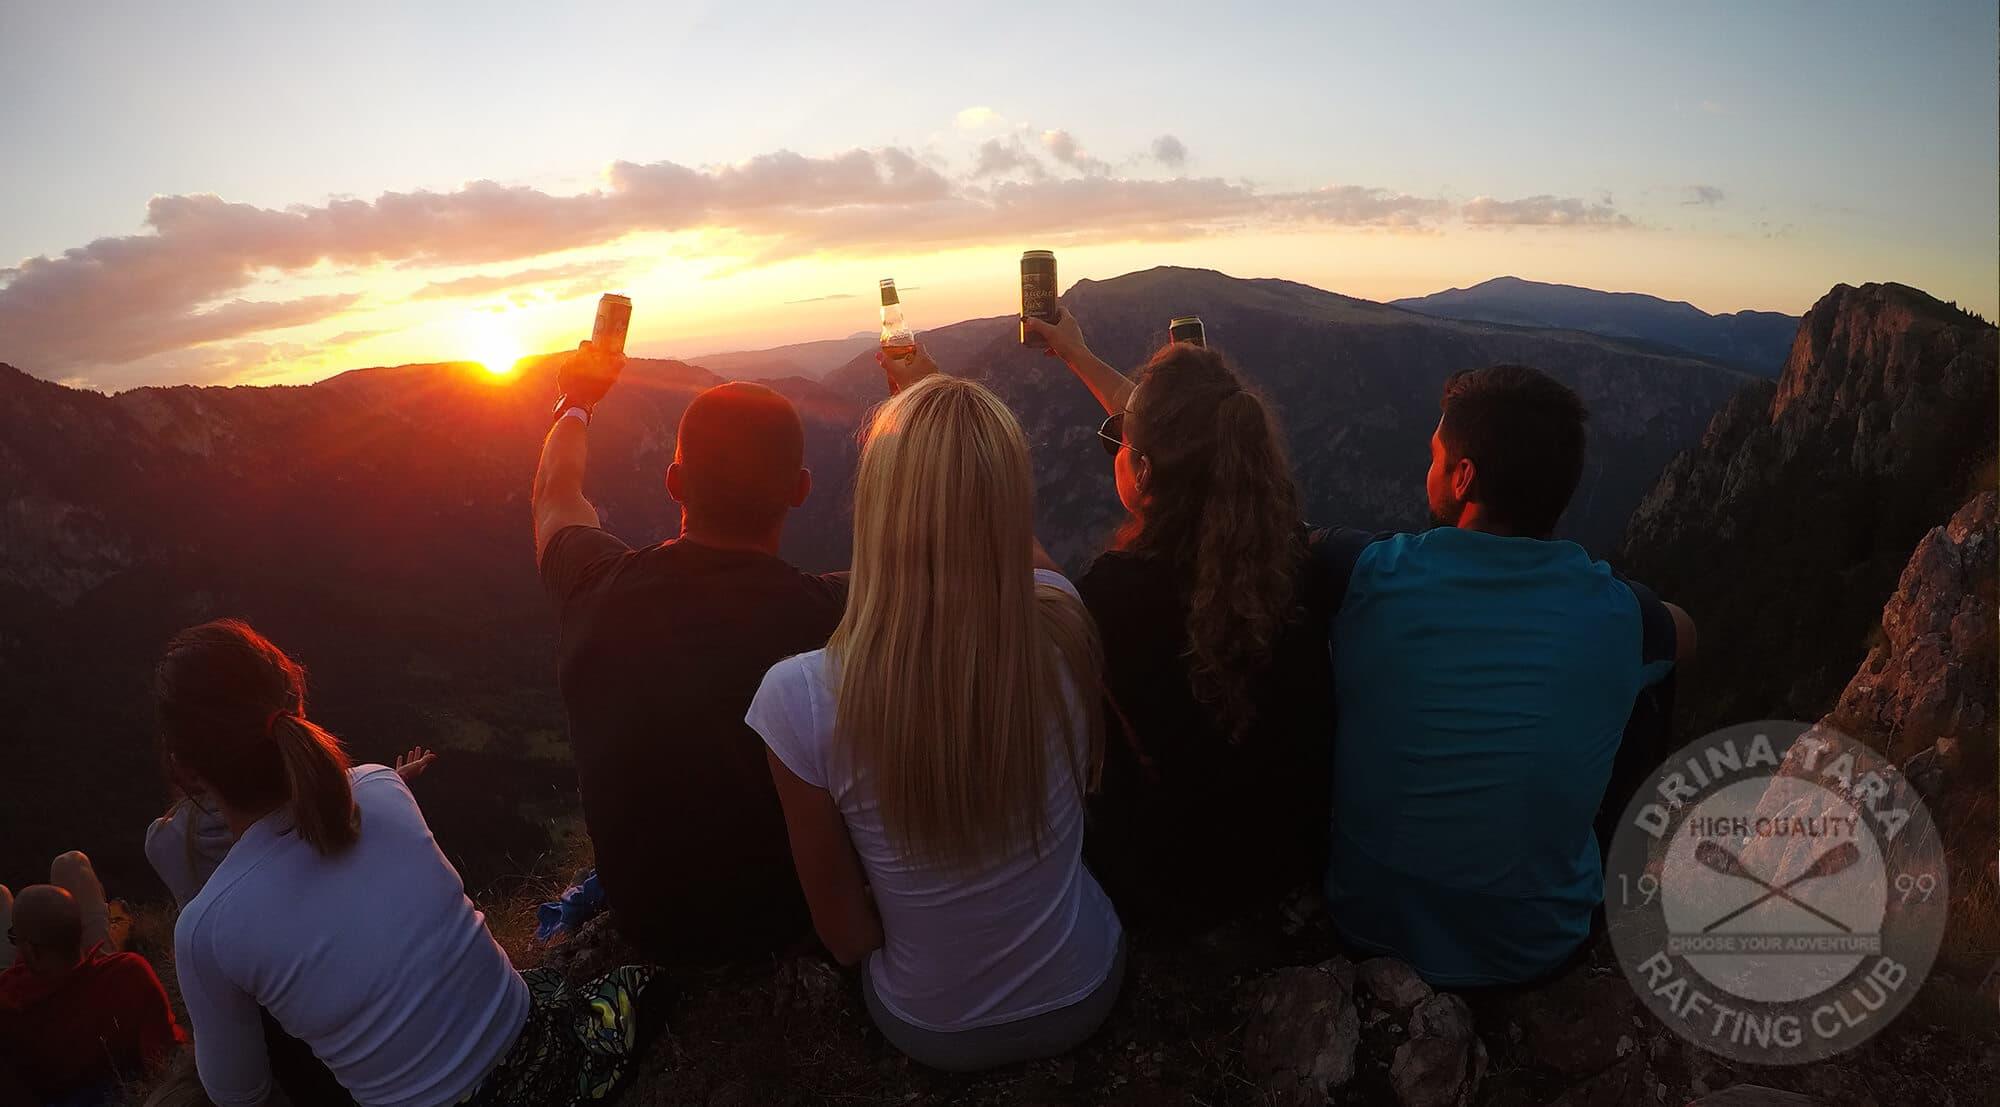 Mladi ljudi na vrhu planine uzivaju u pogledu na zajazak sunca i nazdravljaju